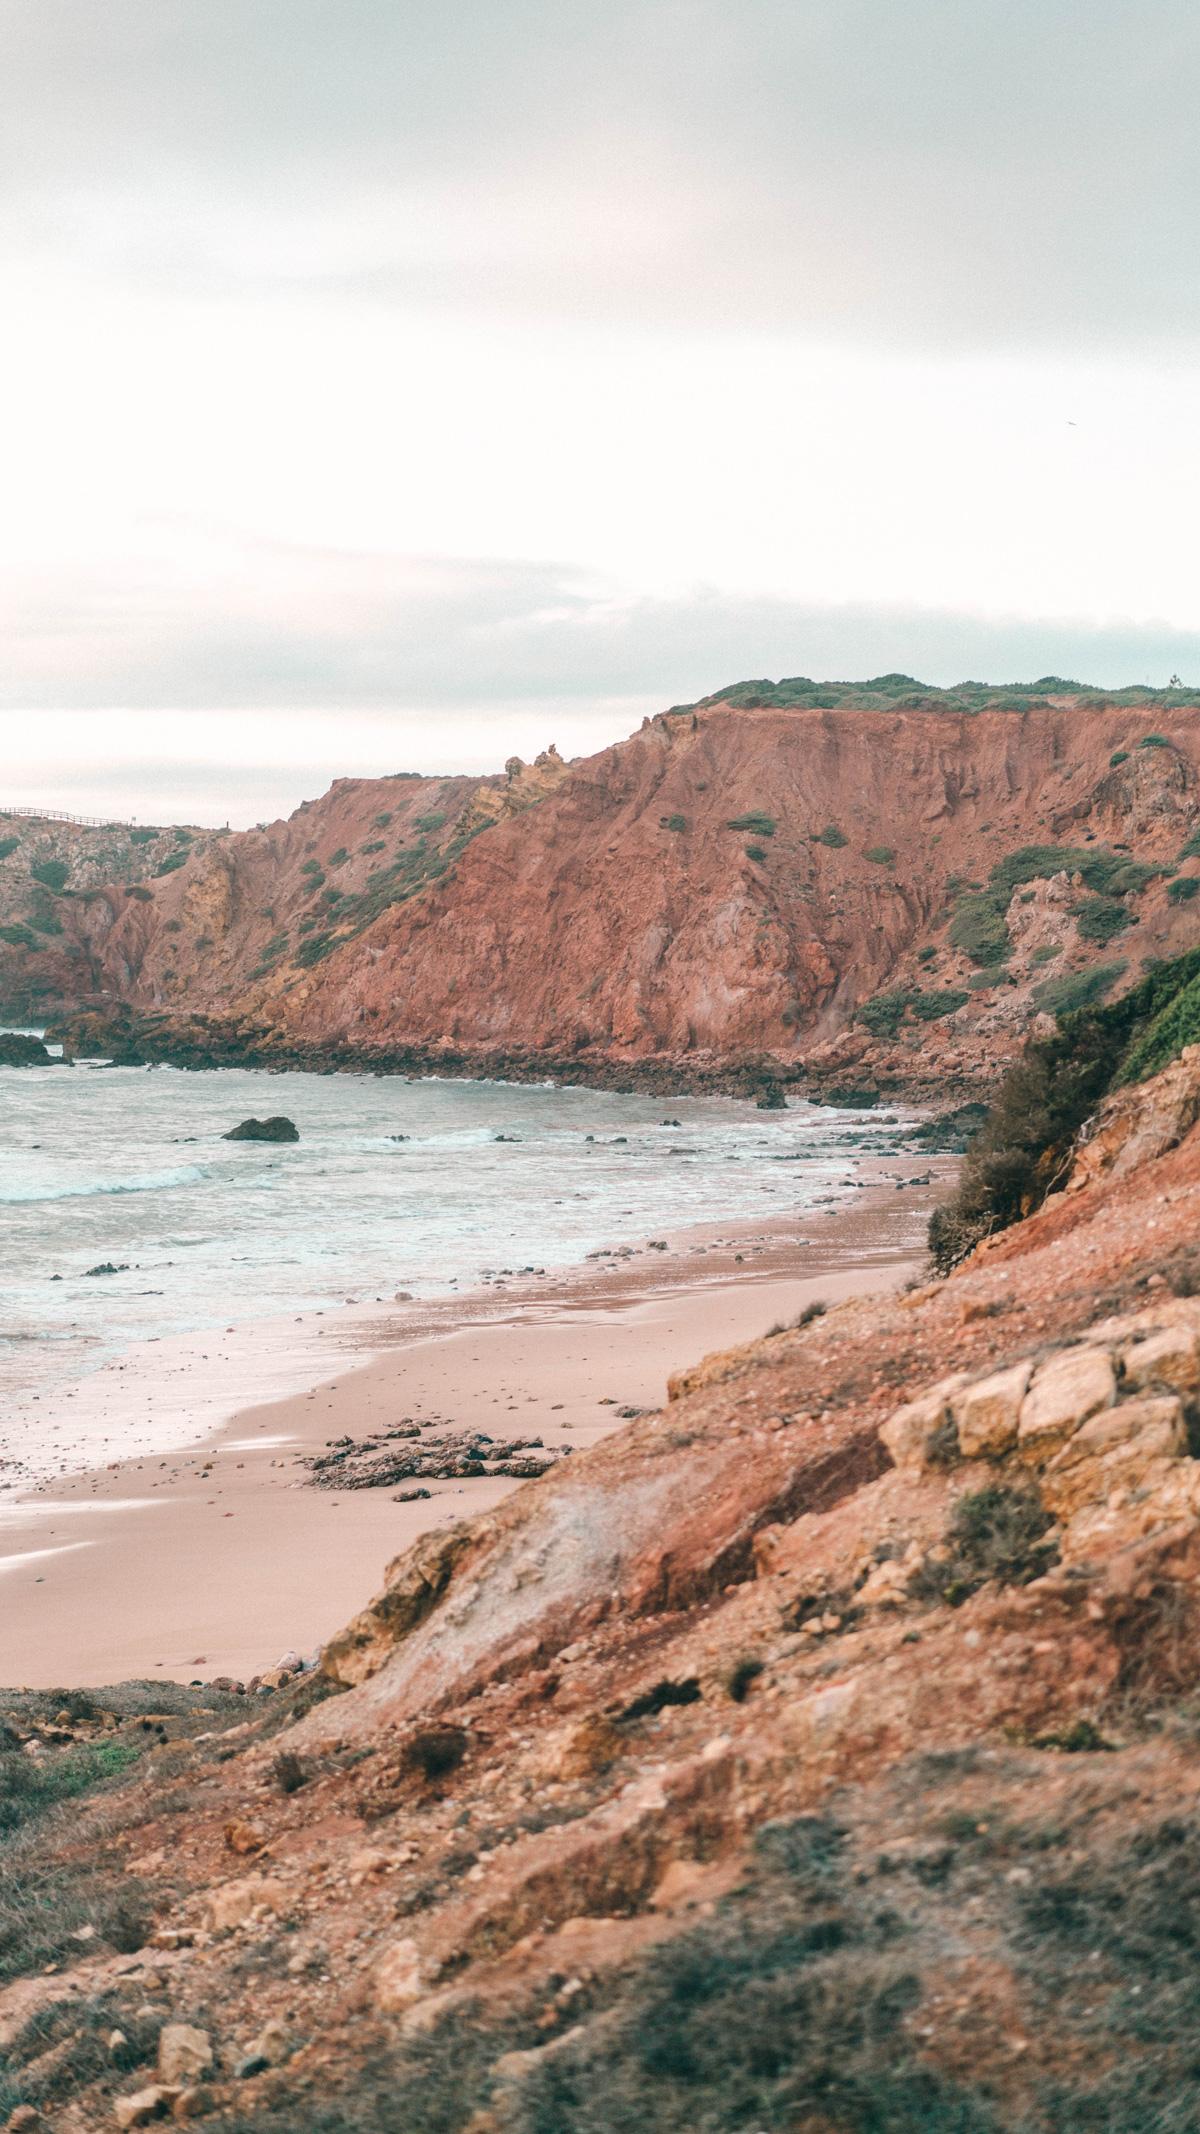 Praia da Amado Aljezur Algarve